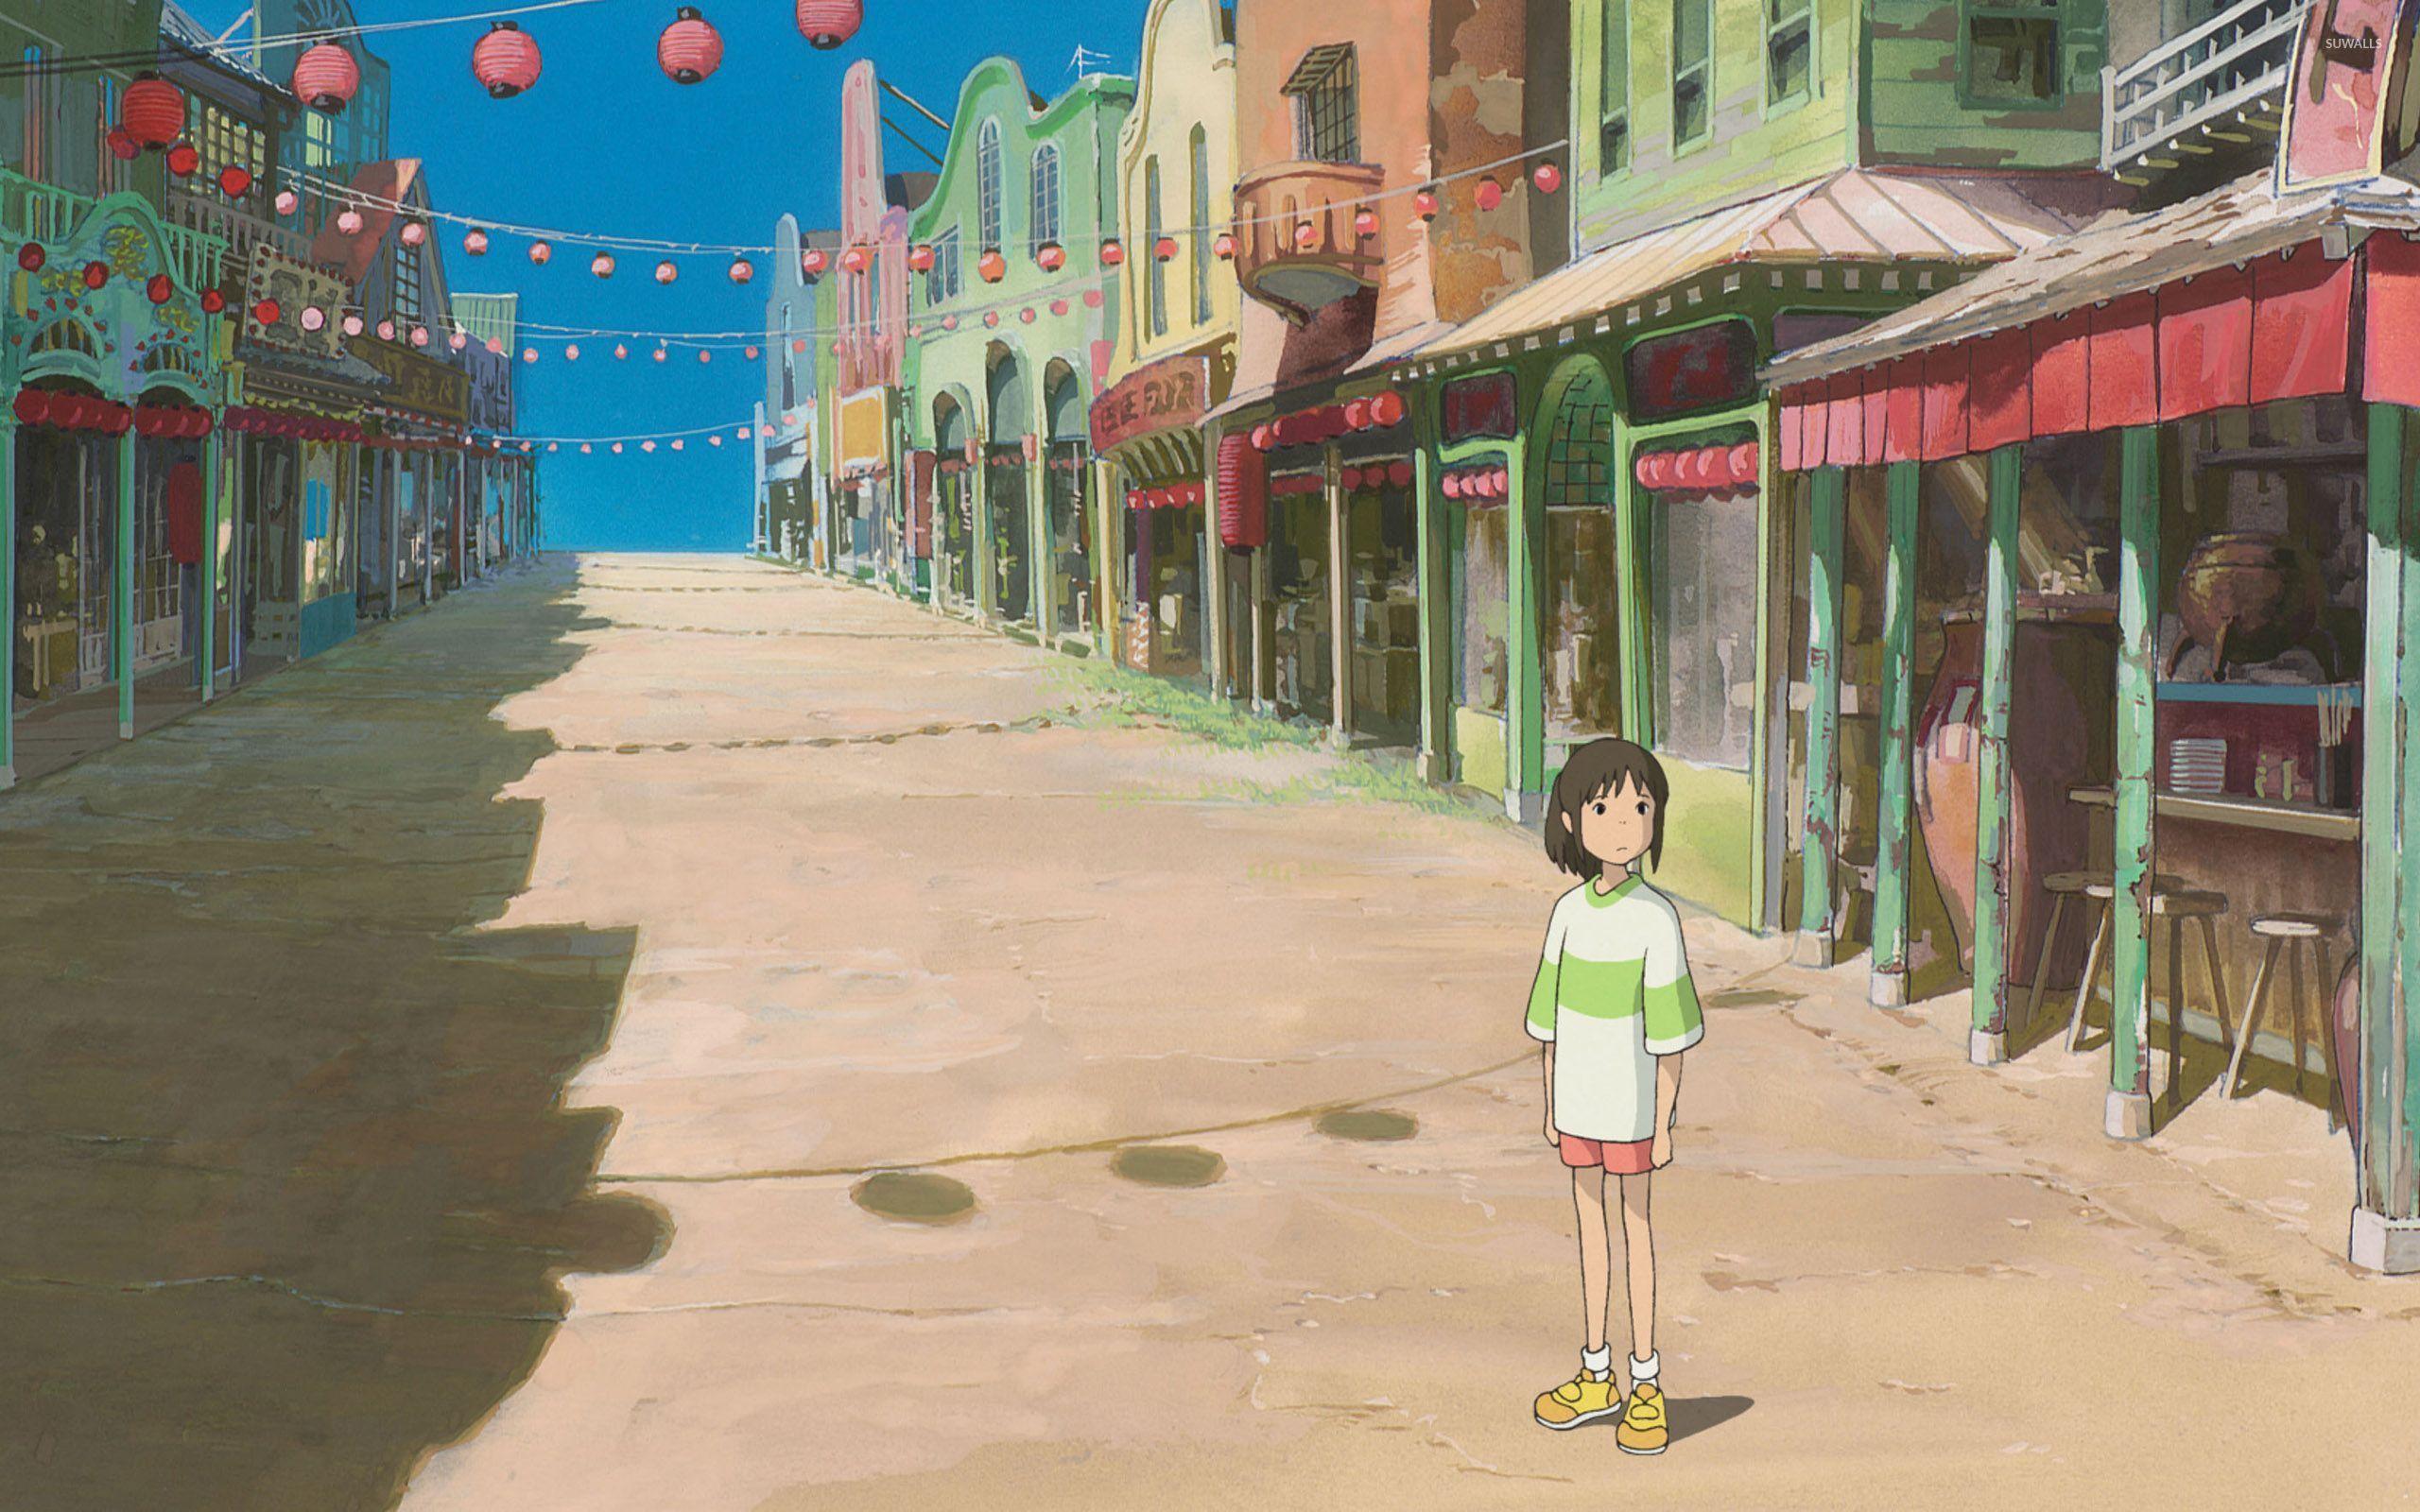 Chihiro Ogino Spirited Away Wallpaper Anime Wallpapers 36656